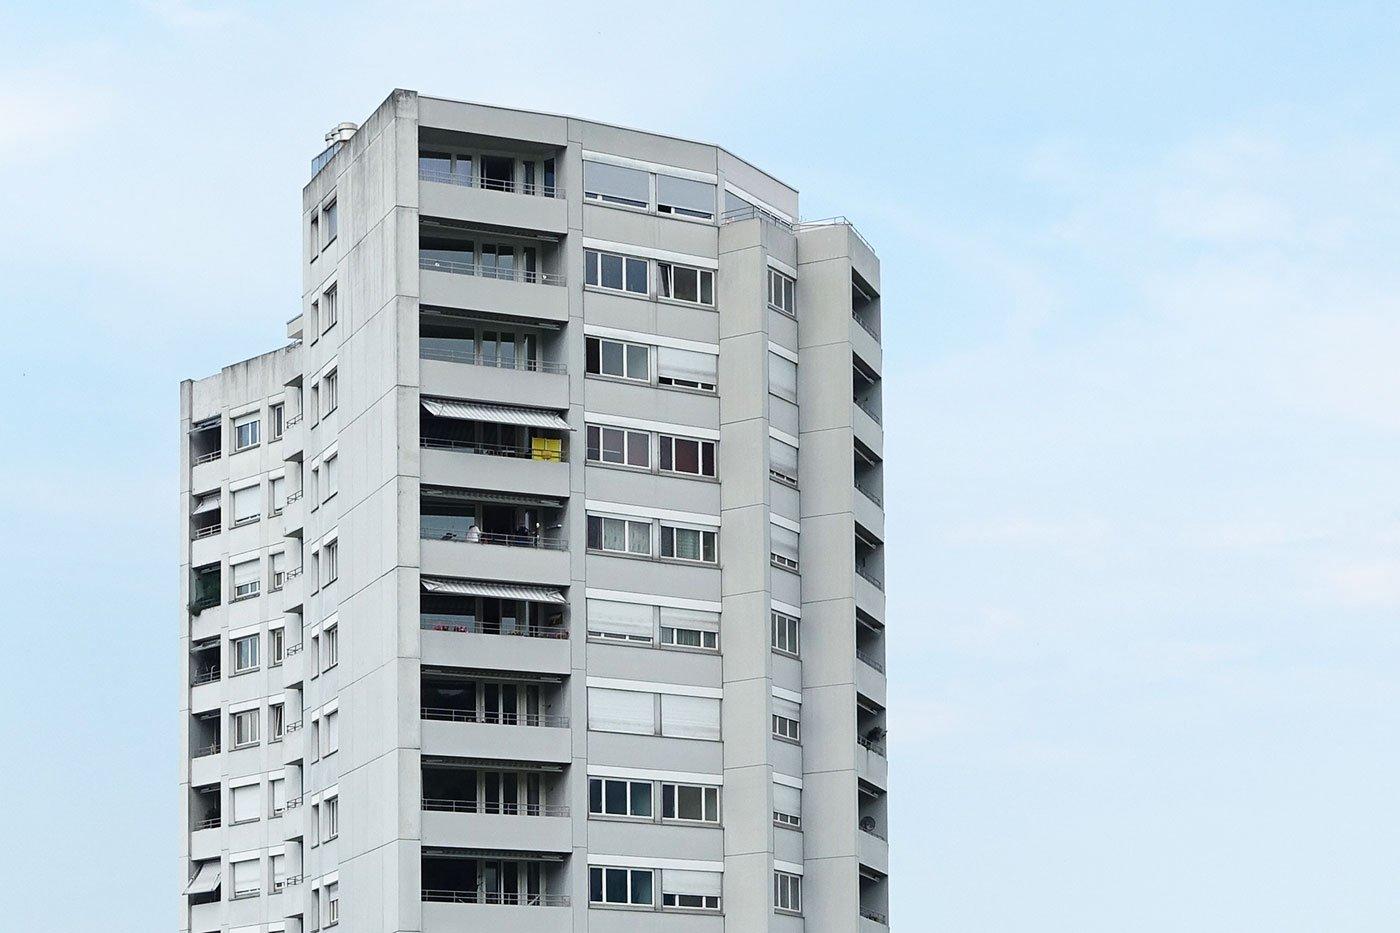 Das Leben in luftiger Höhe ist begehrt: Aalto-Hochhaus im Schönbühl.